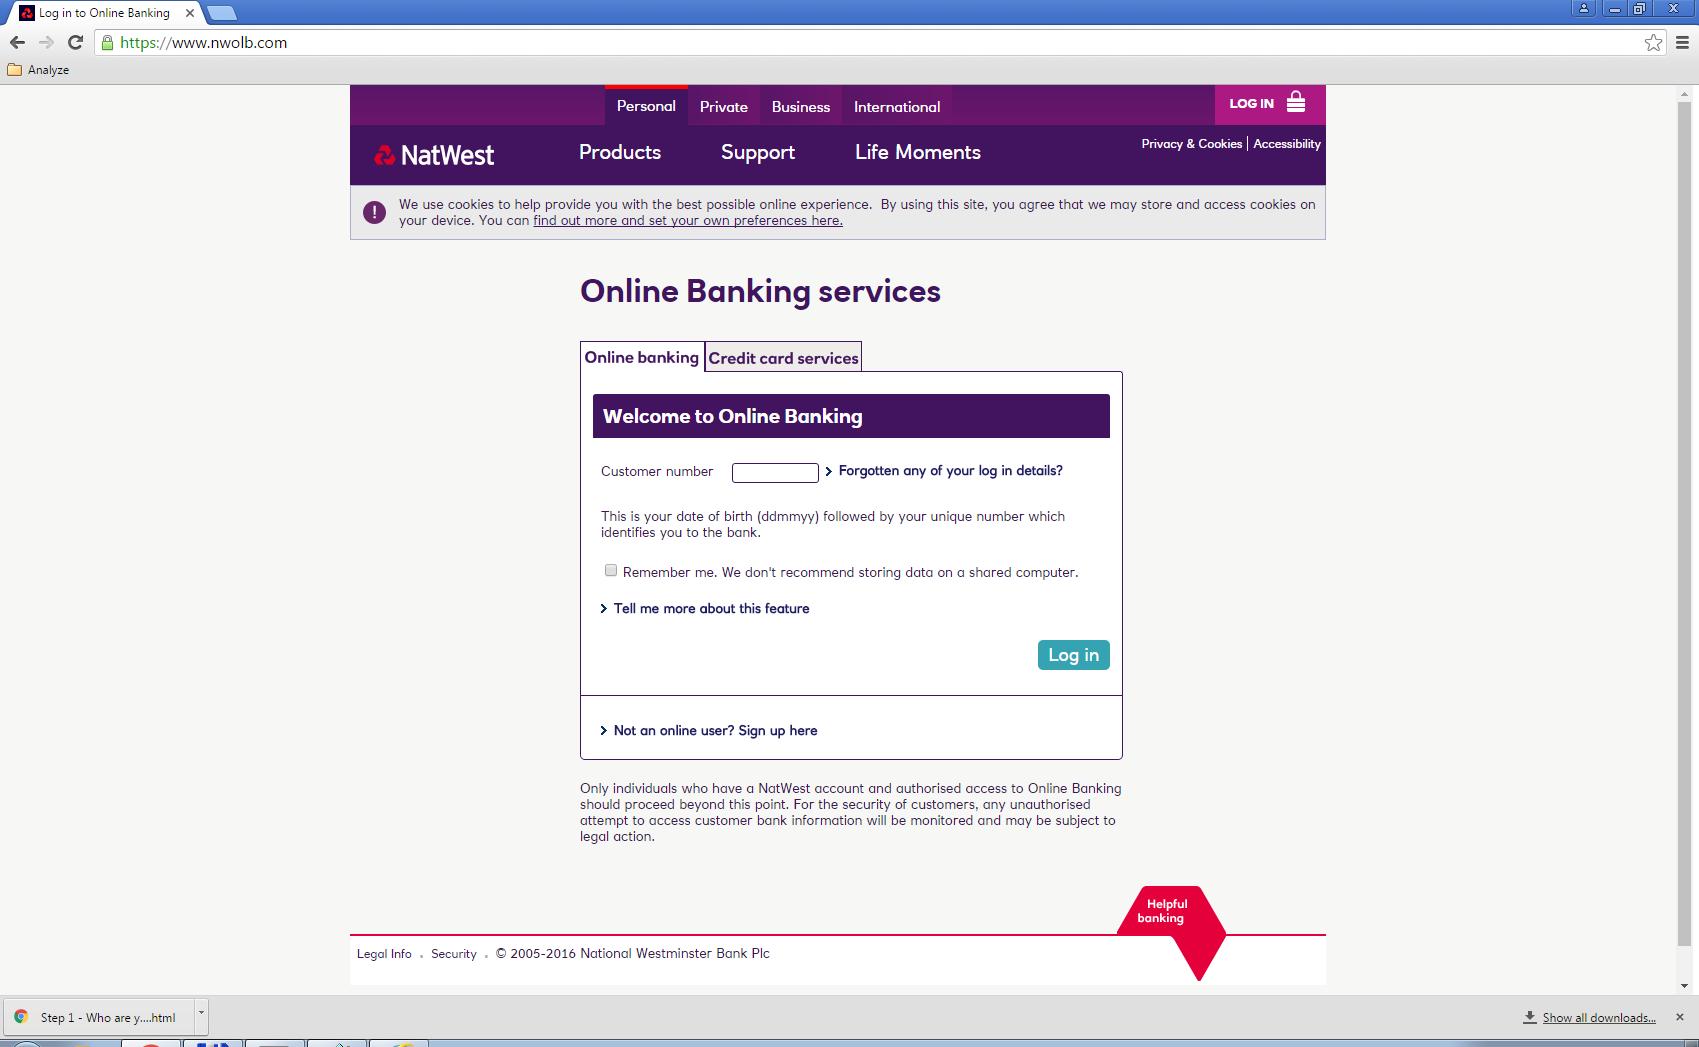 Fake Nwolb banking site.png